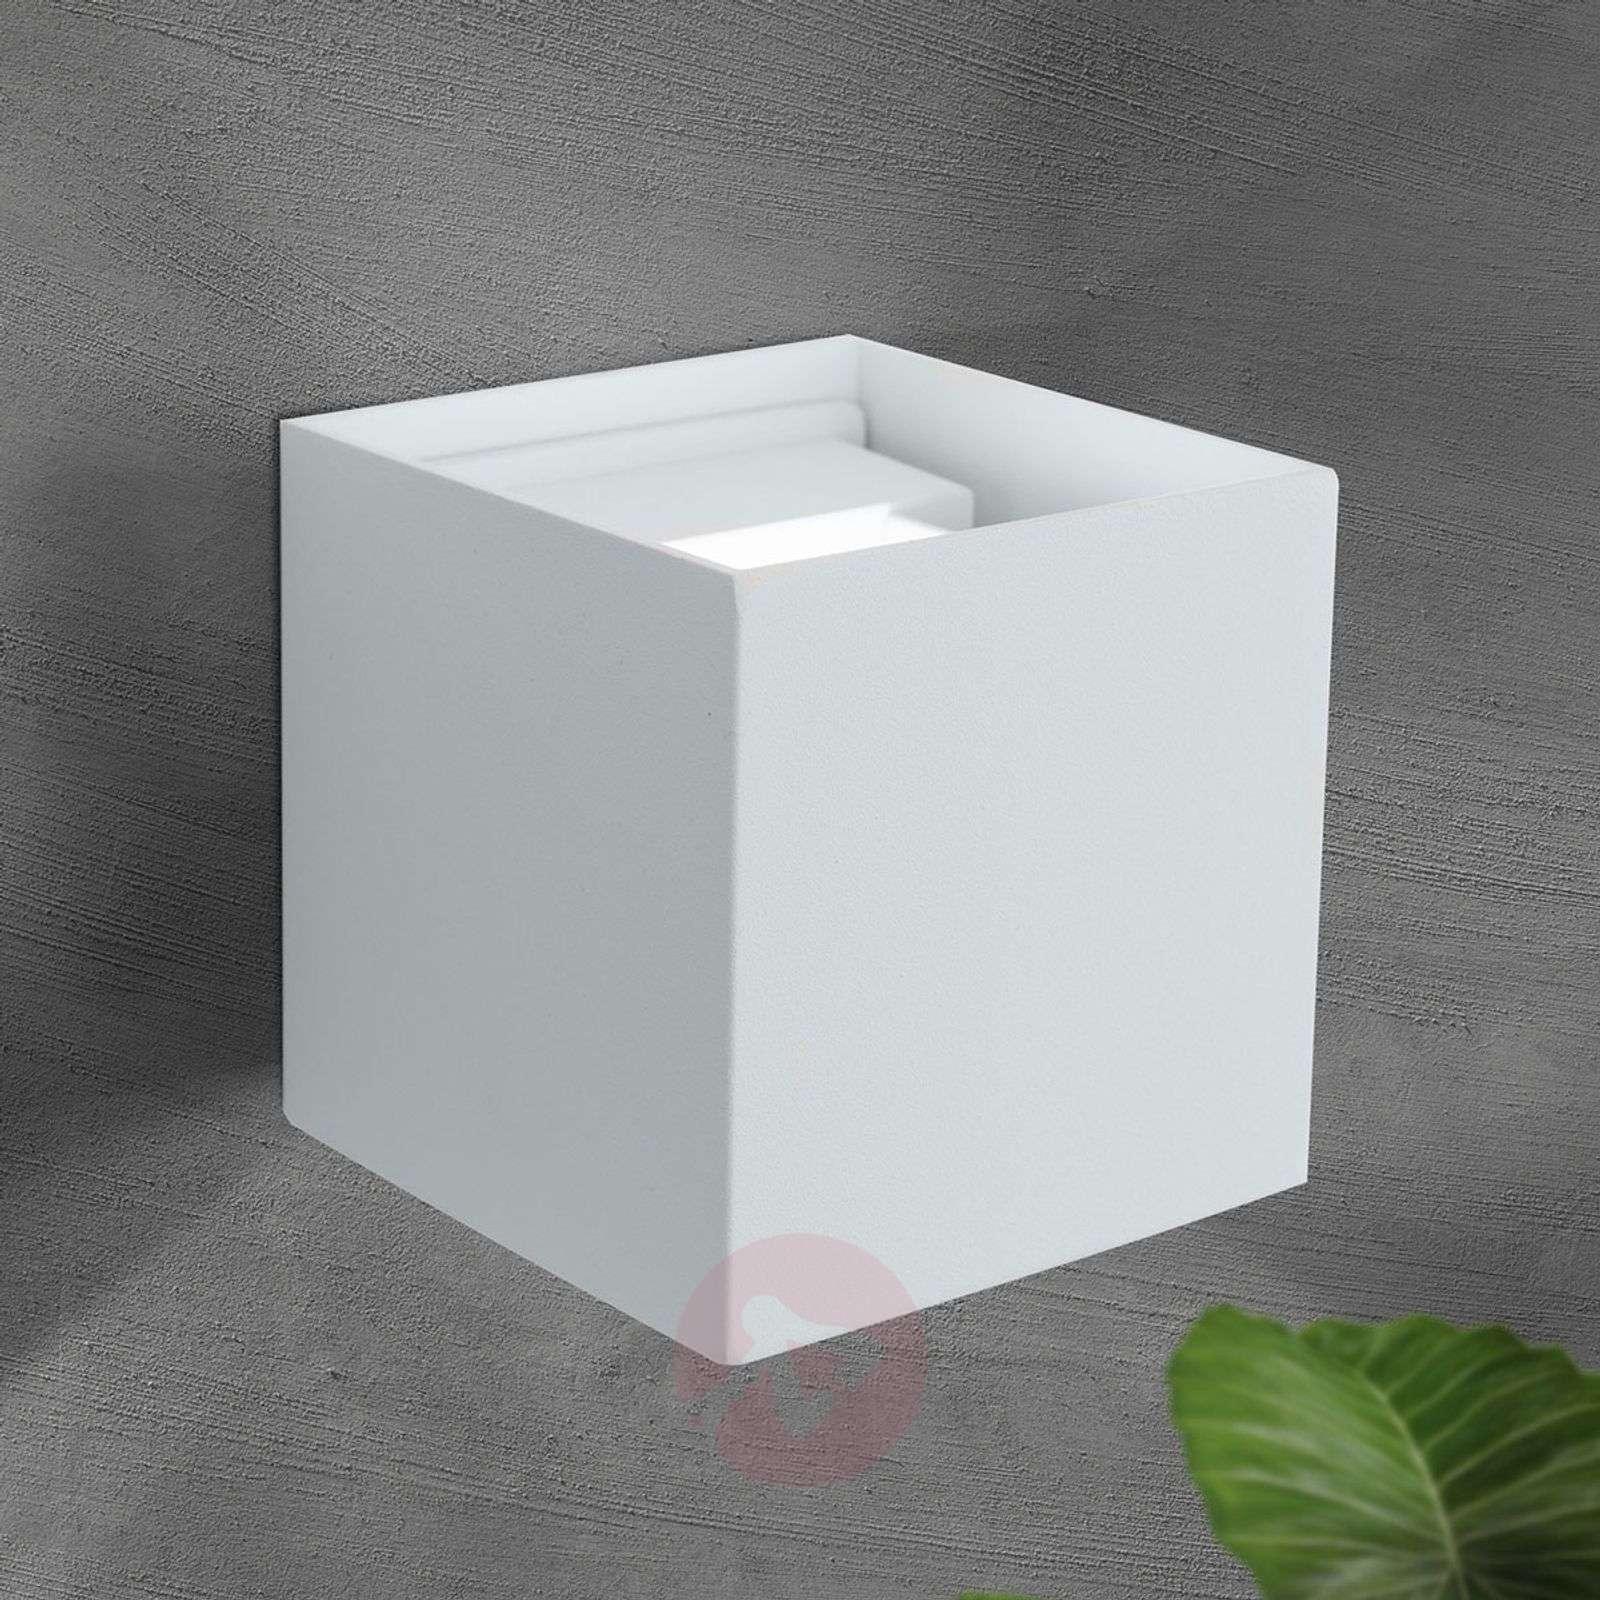 Kuutiomainen LED-ulkoseinävalaisin Cube, valkoinen-7255349-01